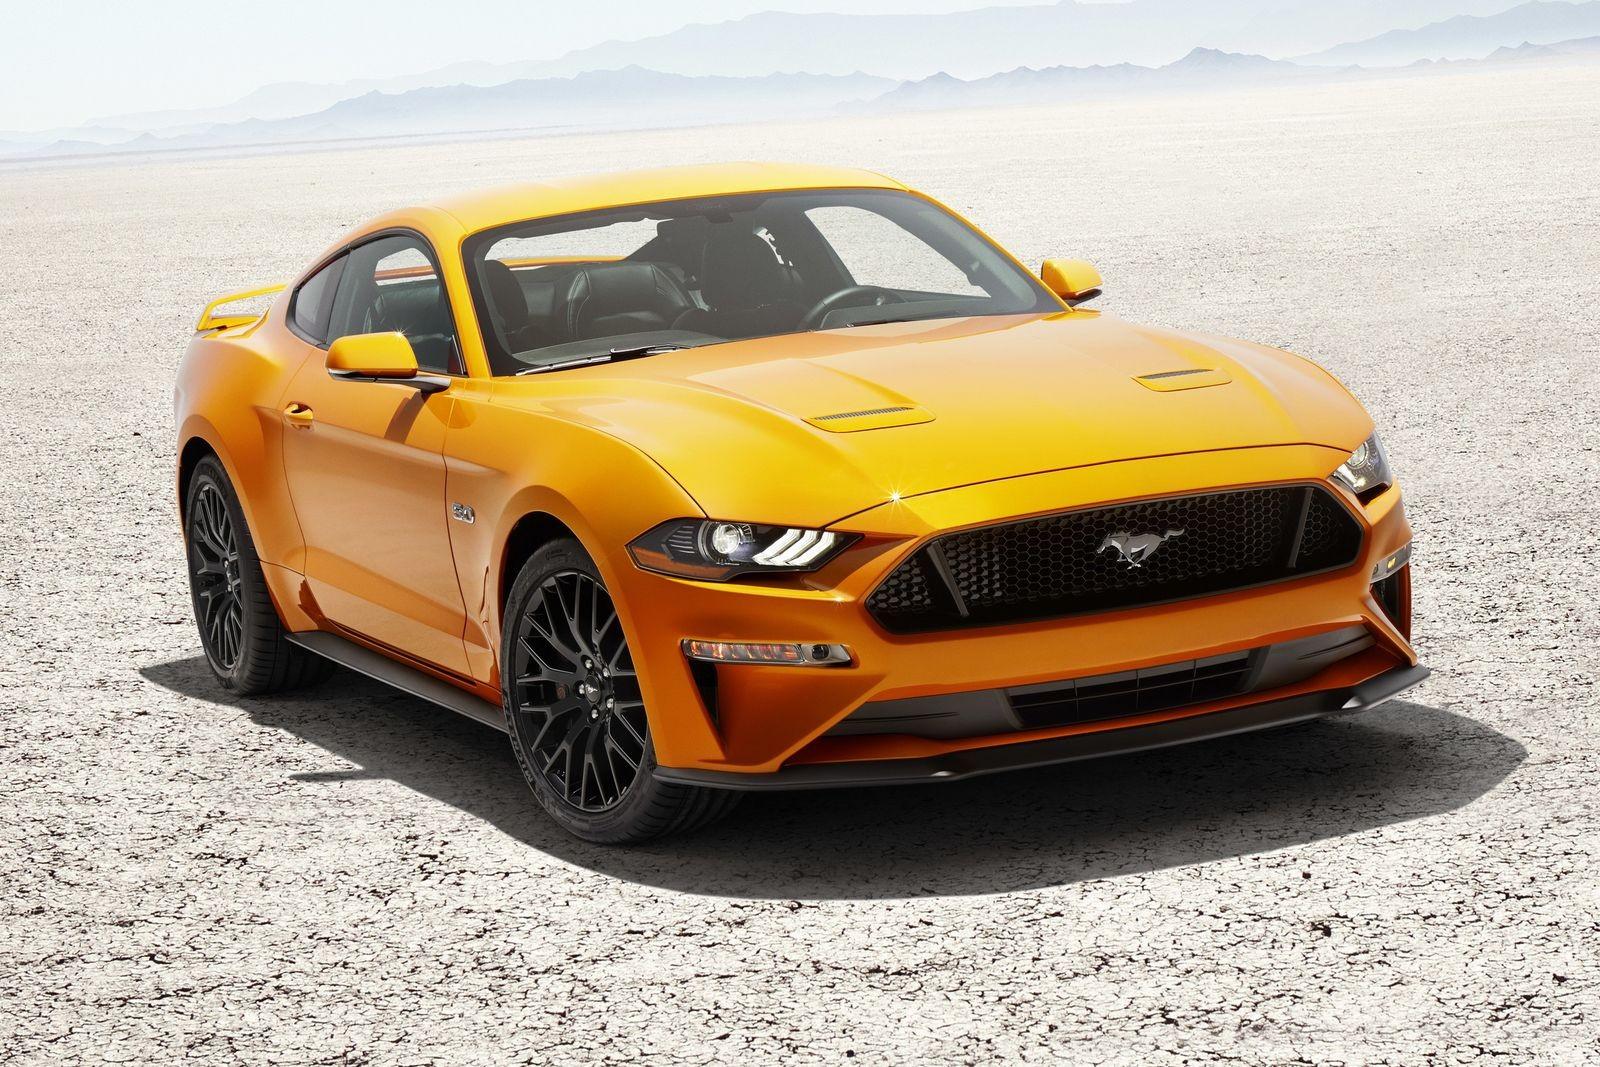 Ford уже несколько лет обещает привезти в Россию Mustang, но люди устали ждать и везут машины сами.